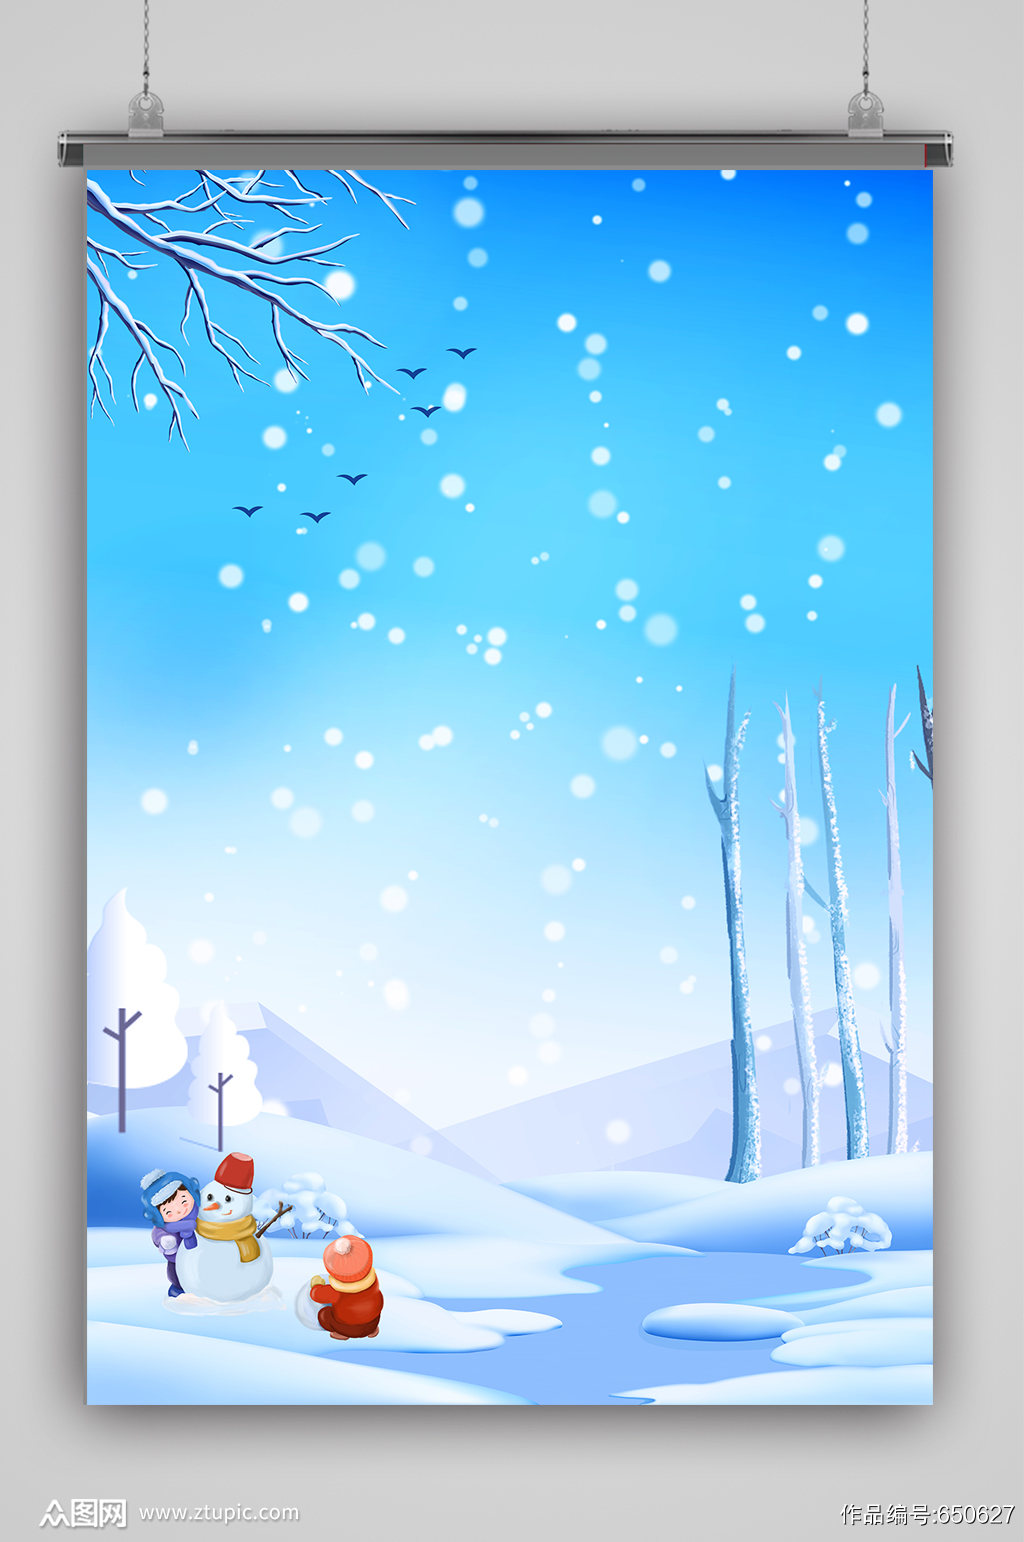 卡通唯美冬天背景素材